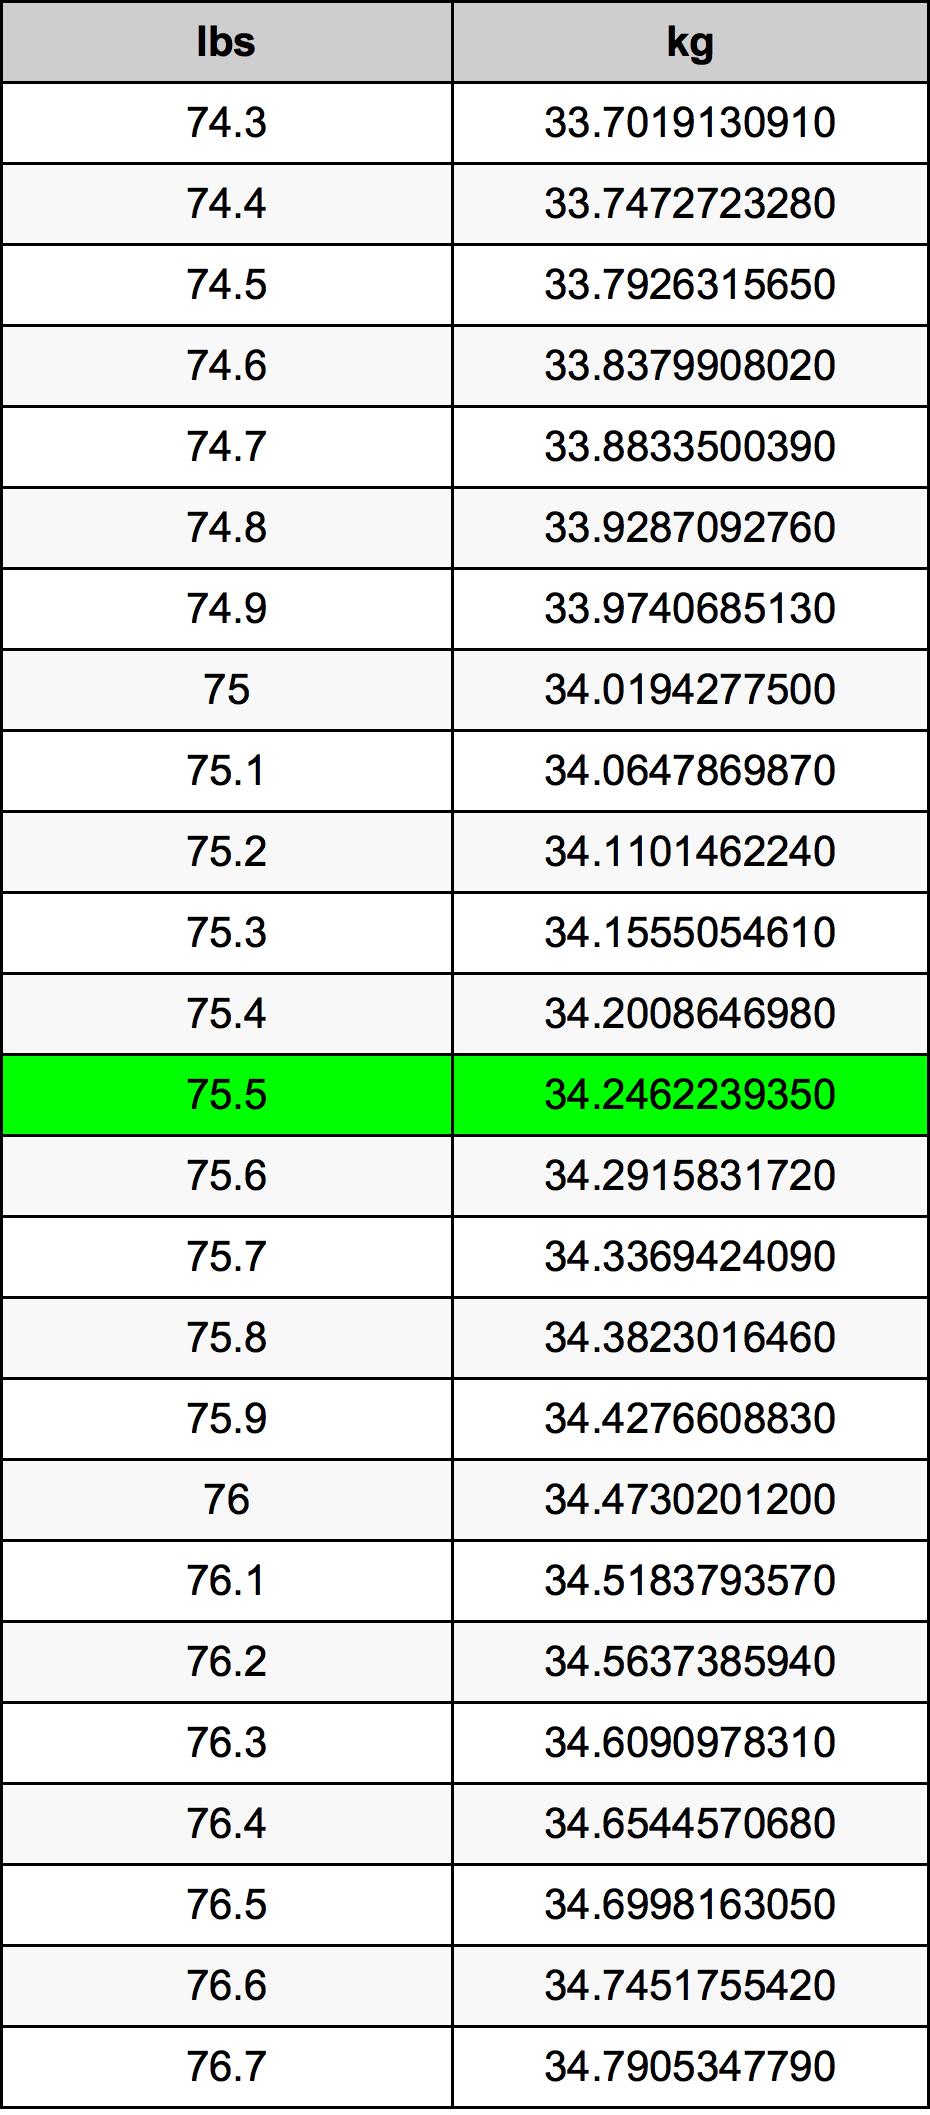 75.5 رطل جدول تحويل